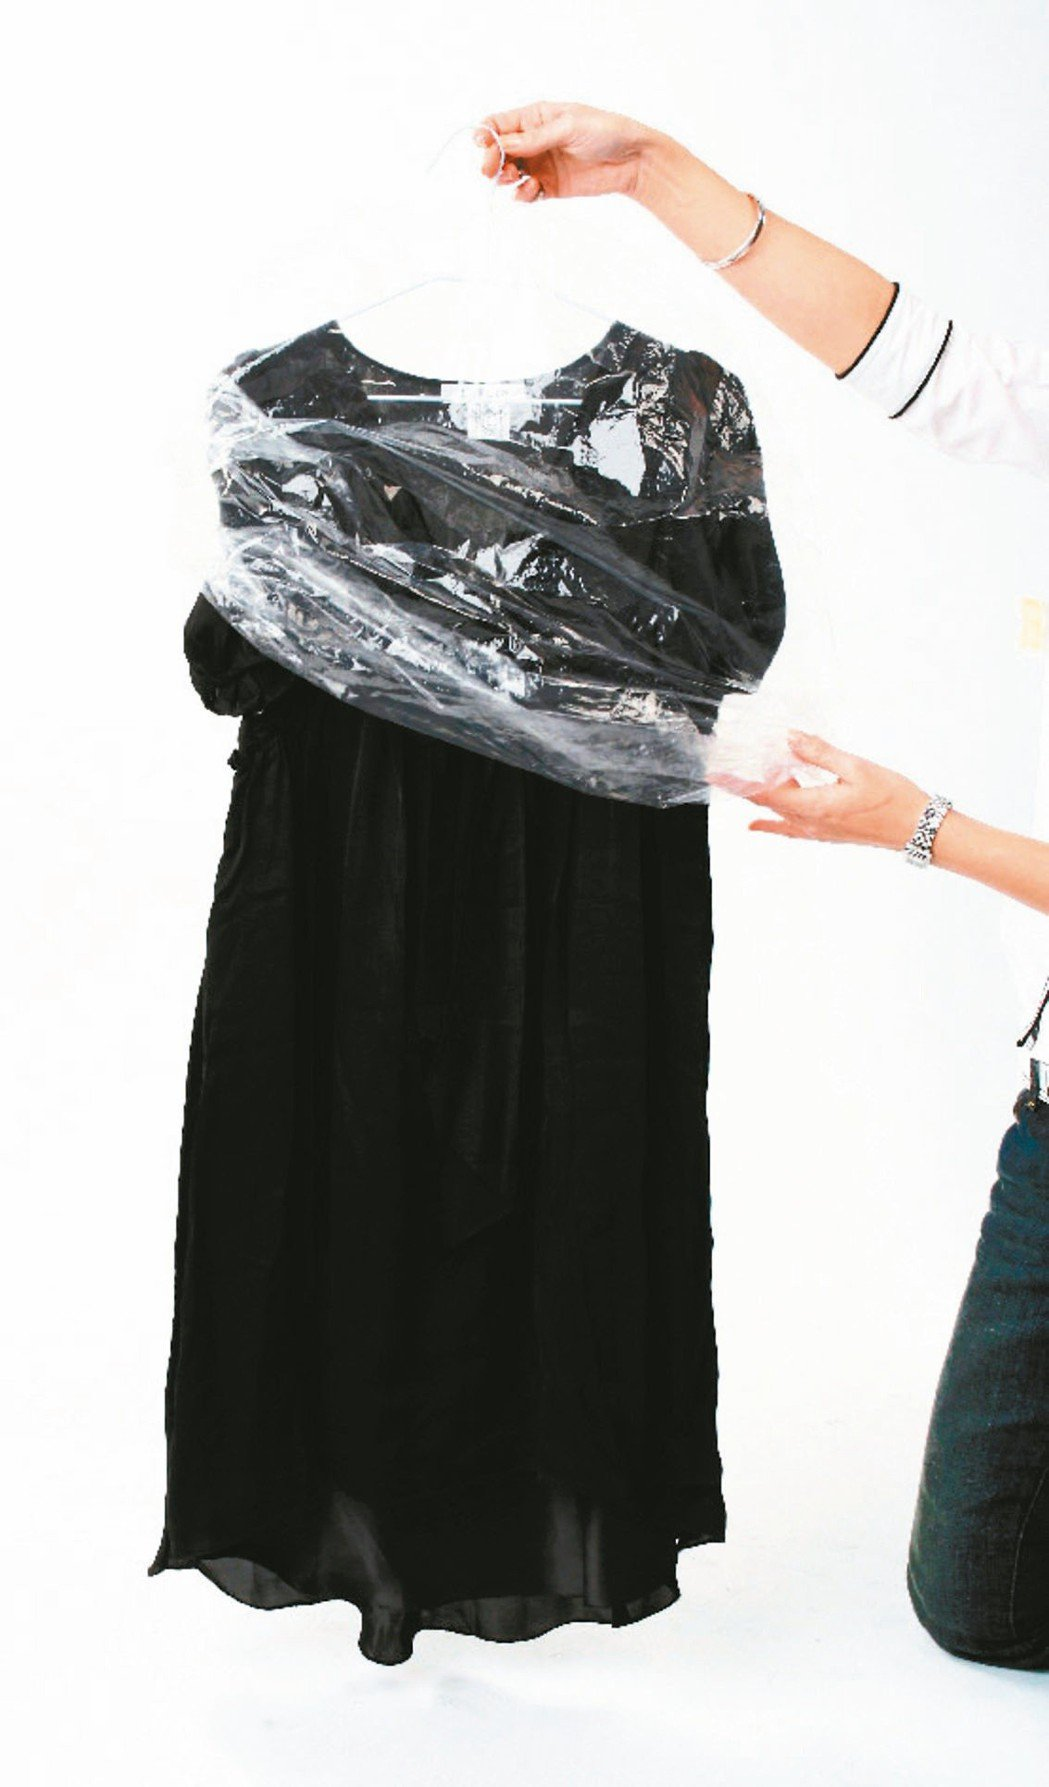 洗衣店的防塵袋不受限。 圖╱聯合報系資料照片